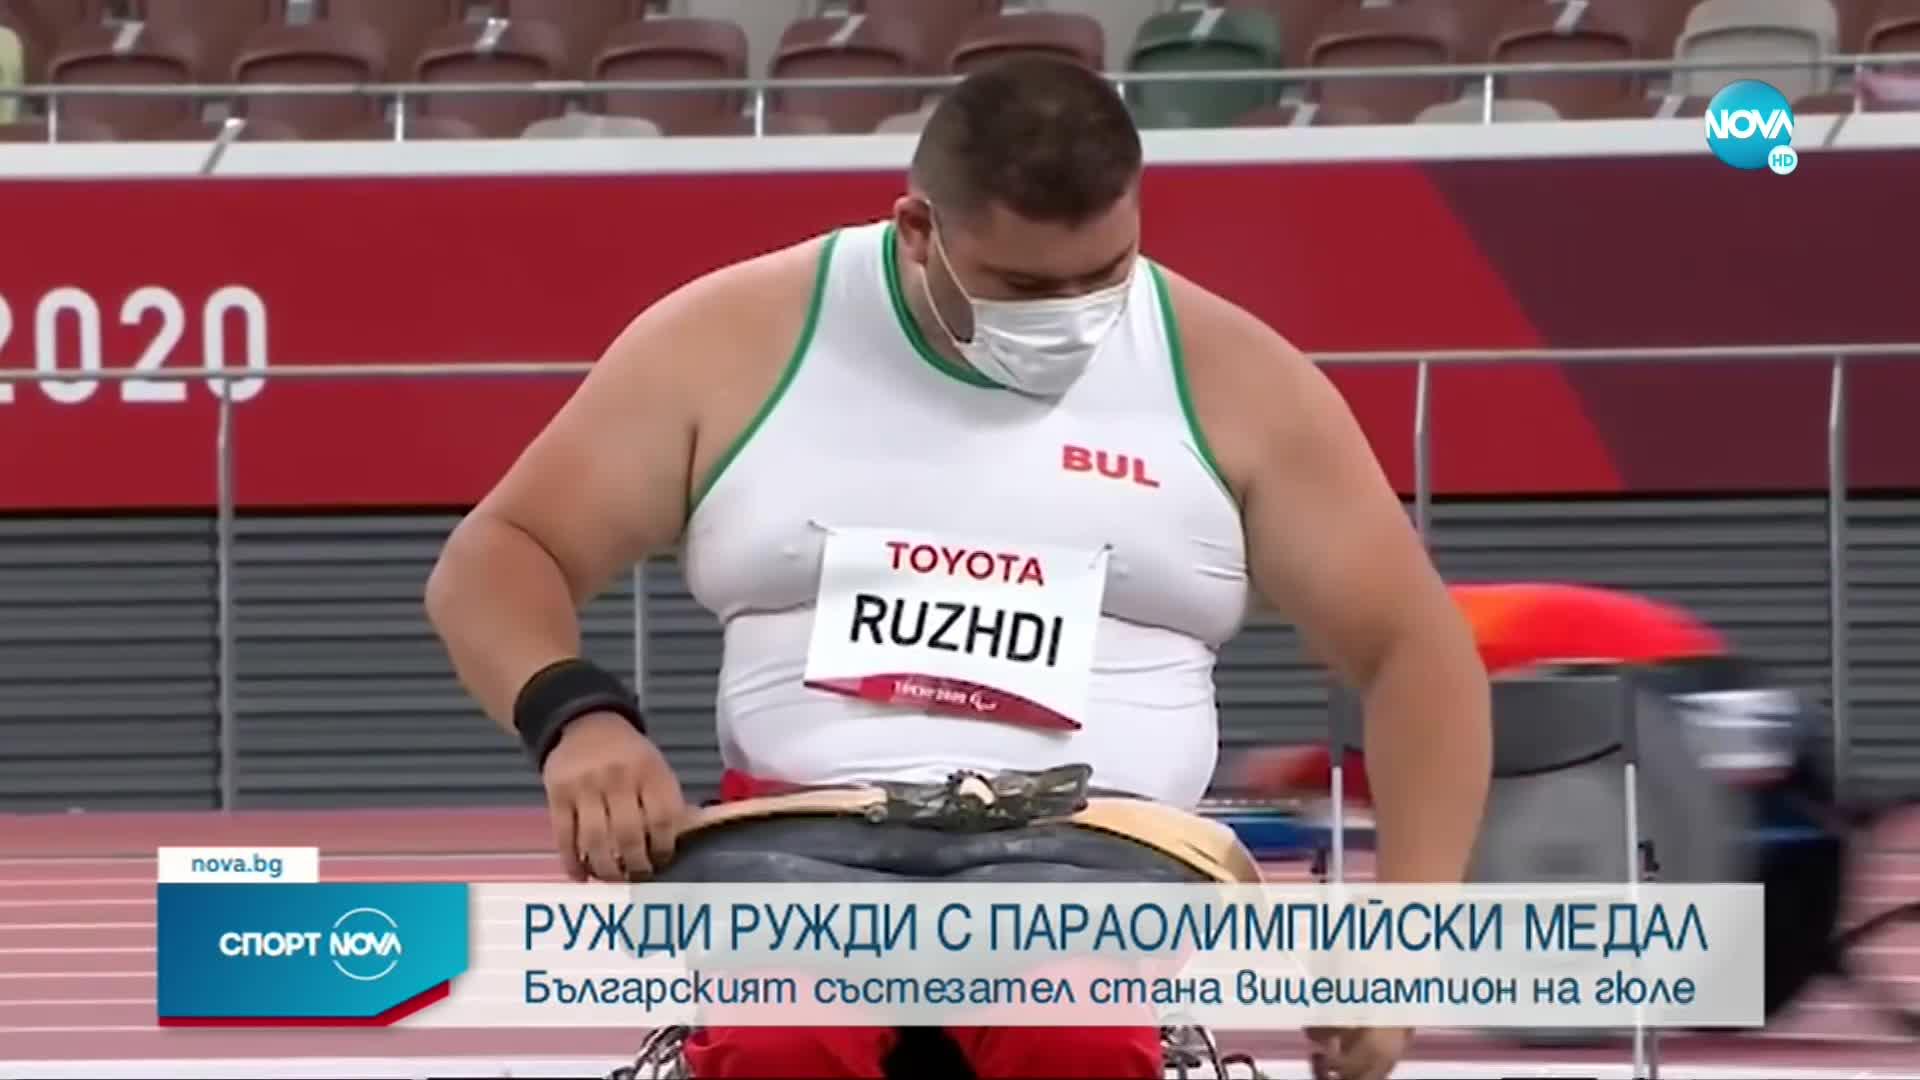 Ружди Ружди спечели сребърен медал на Параолимпийските игри